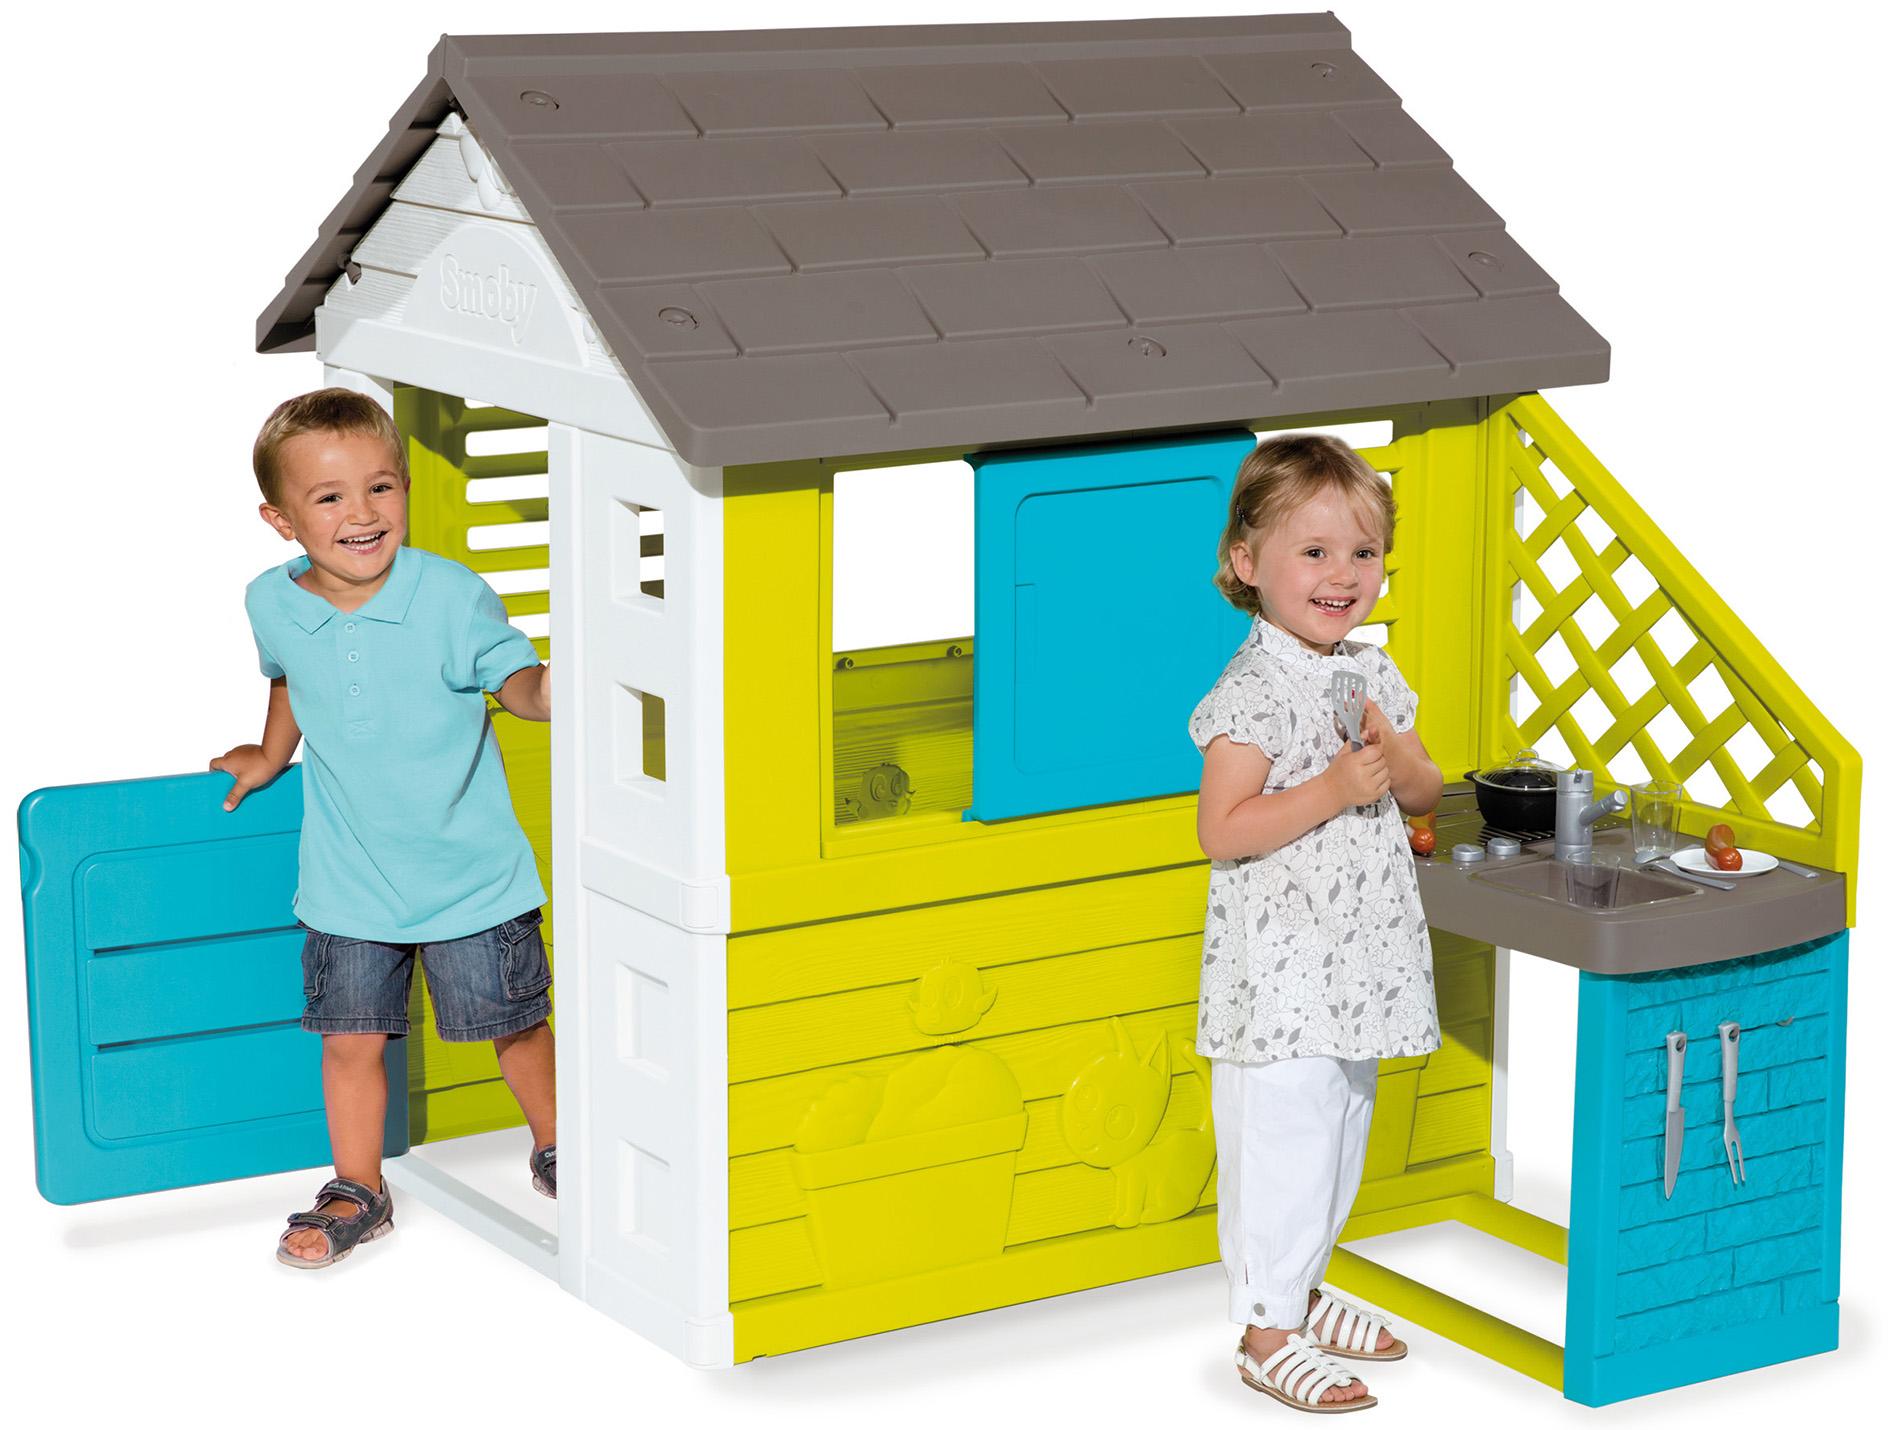 maison enfant pretty et cuisine smoby am nagement ext rieur. Black Bedroom Furniture Sets. Home Design Ideas